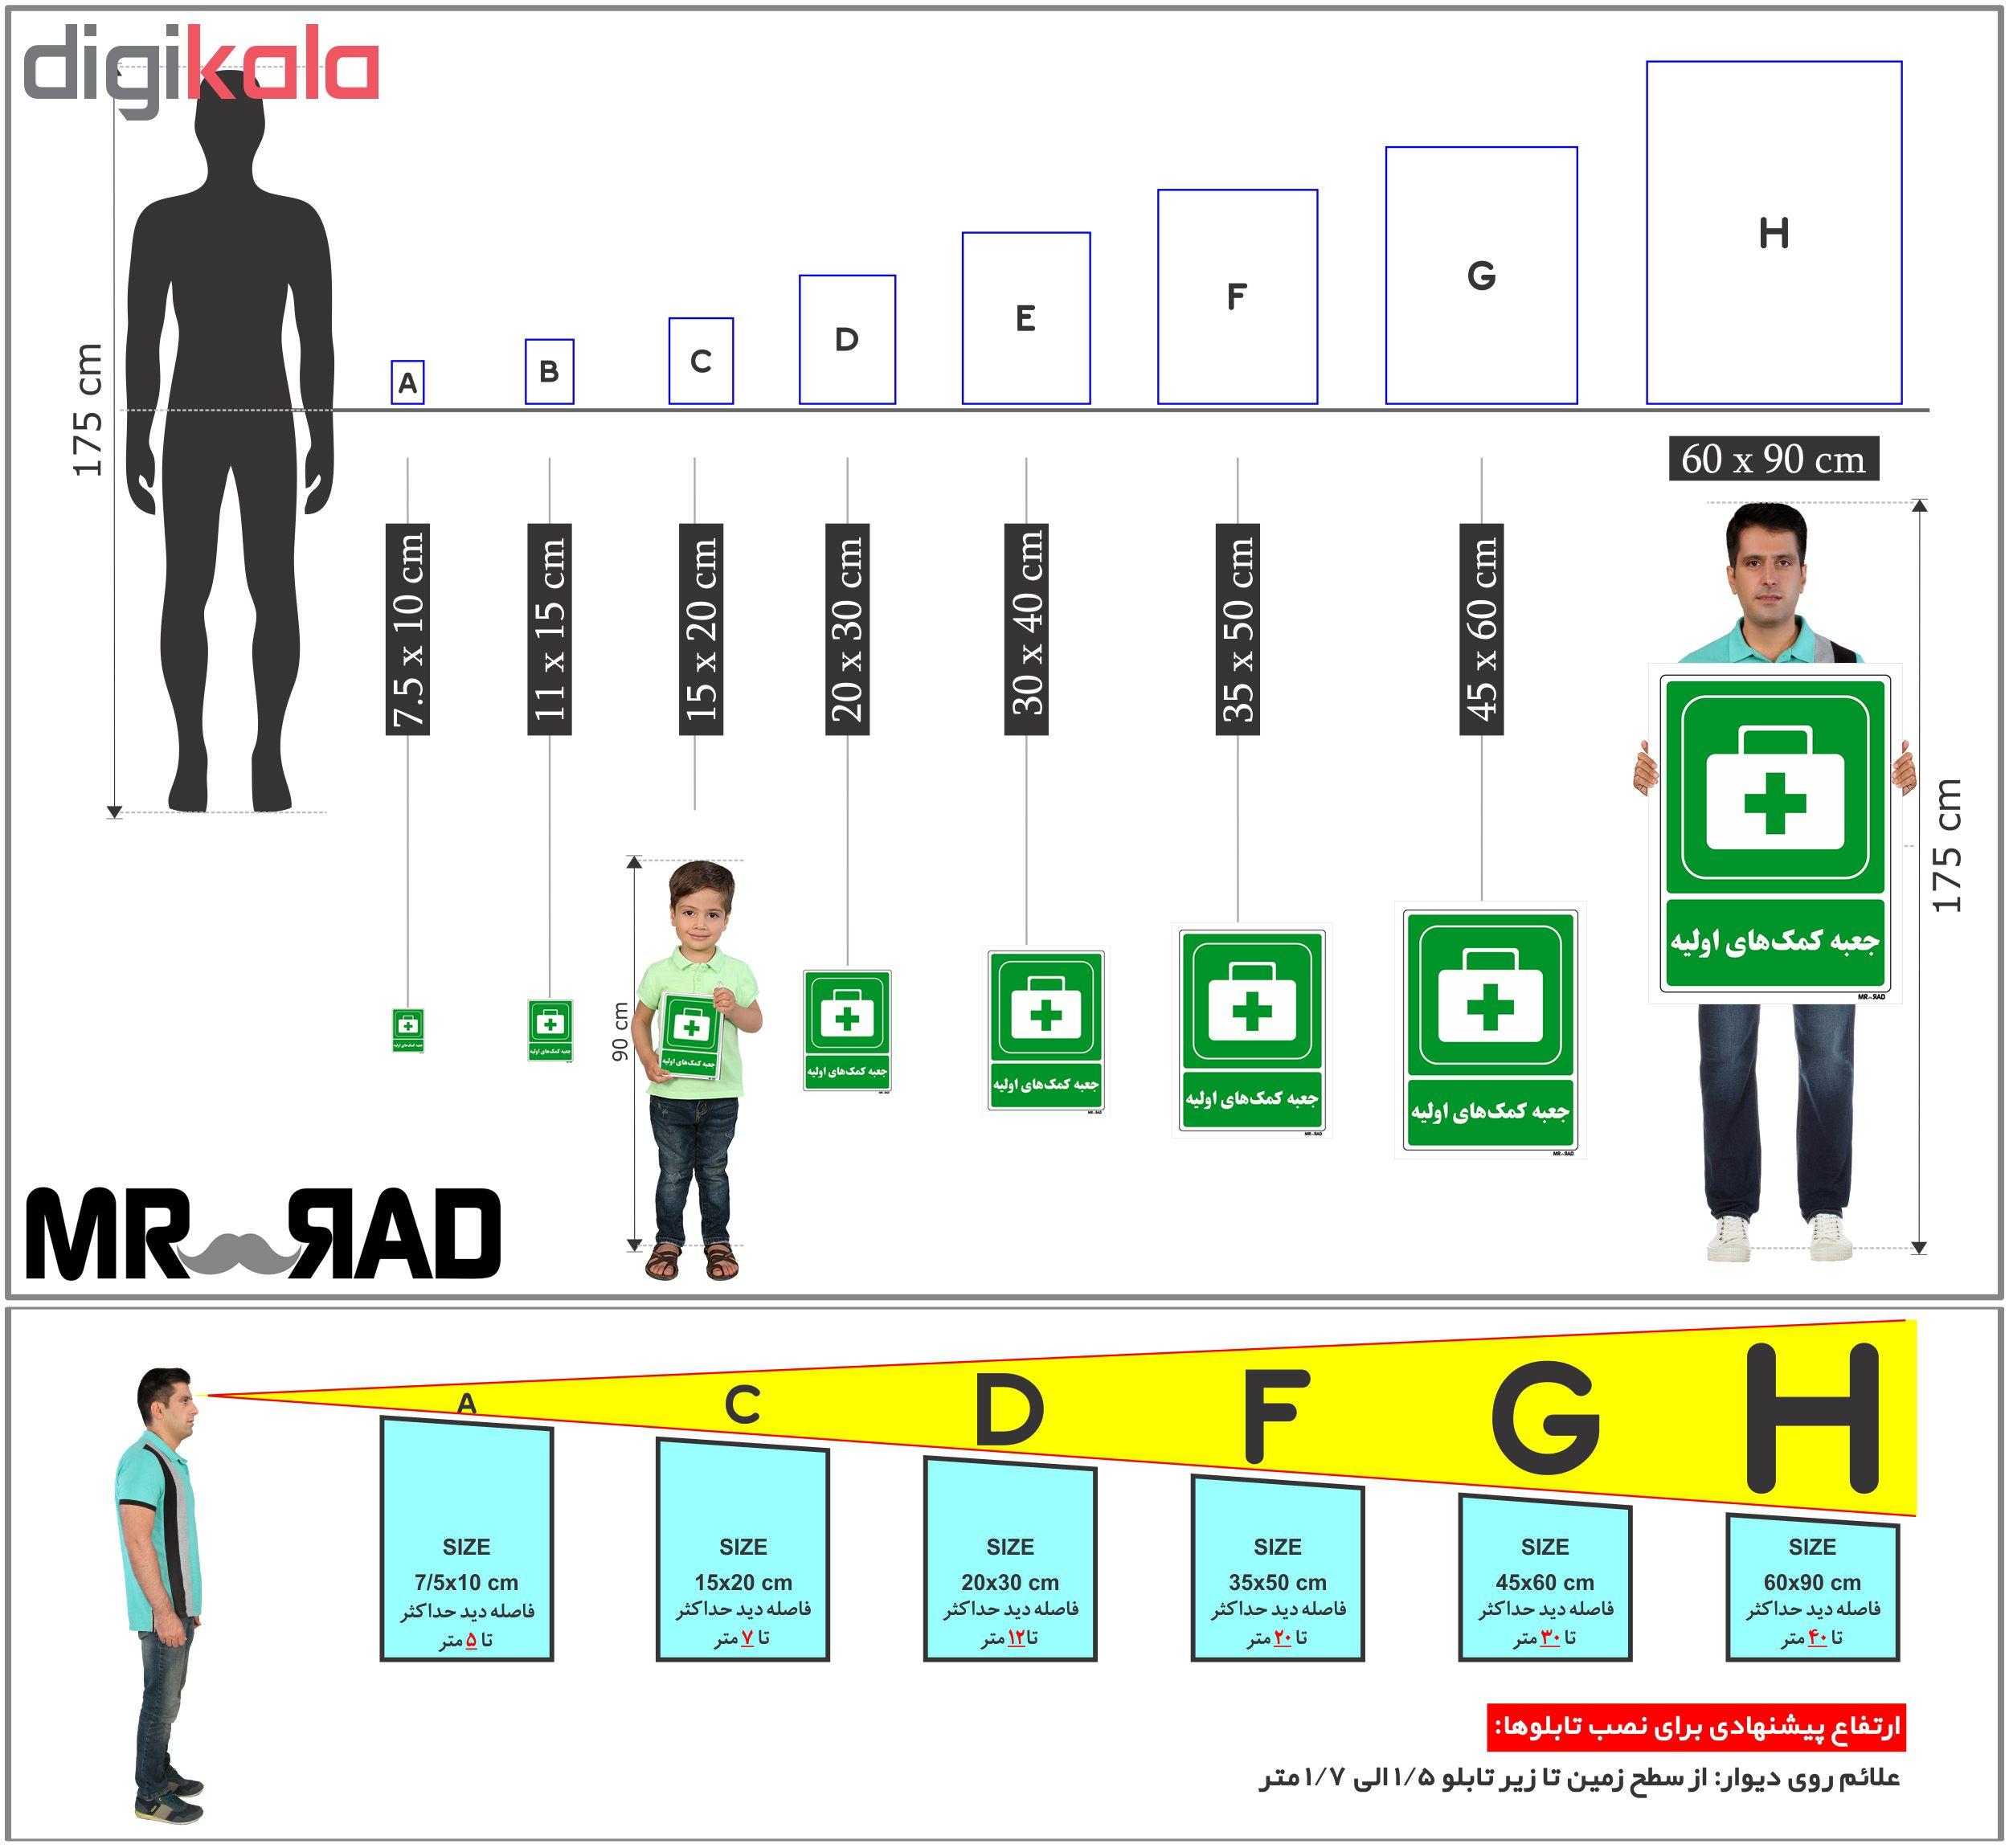 برچسب شرایط ایمن FG طرح جعبه کمک های اولیه کد LG045 بسته 2 عددی